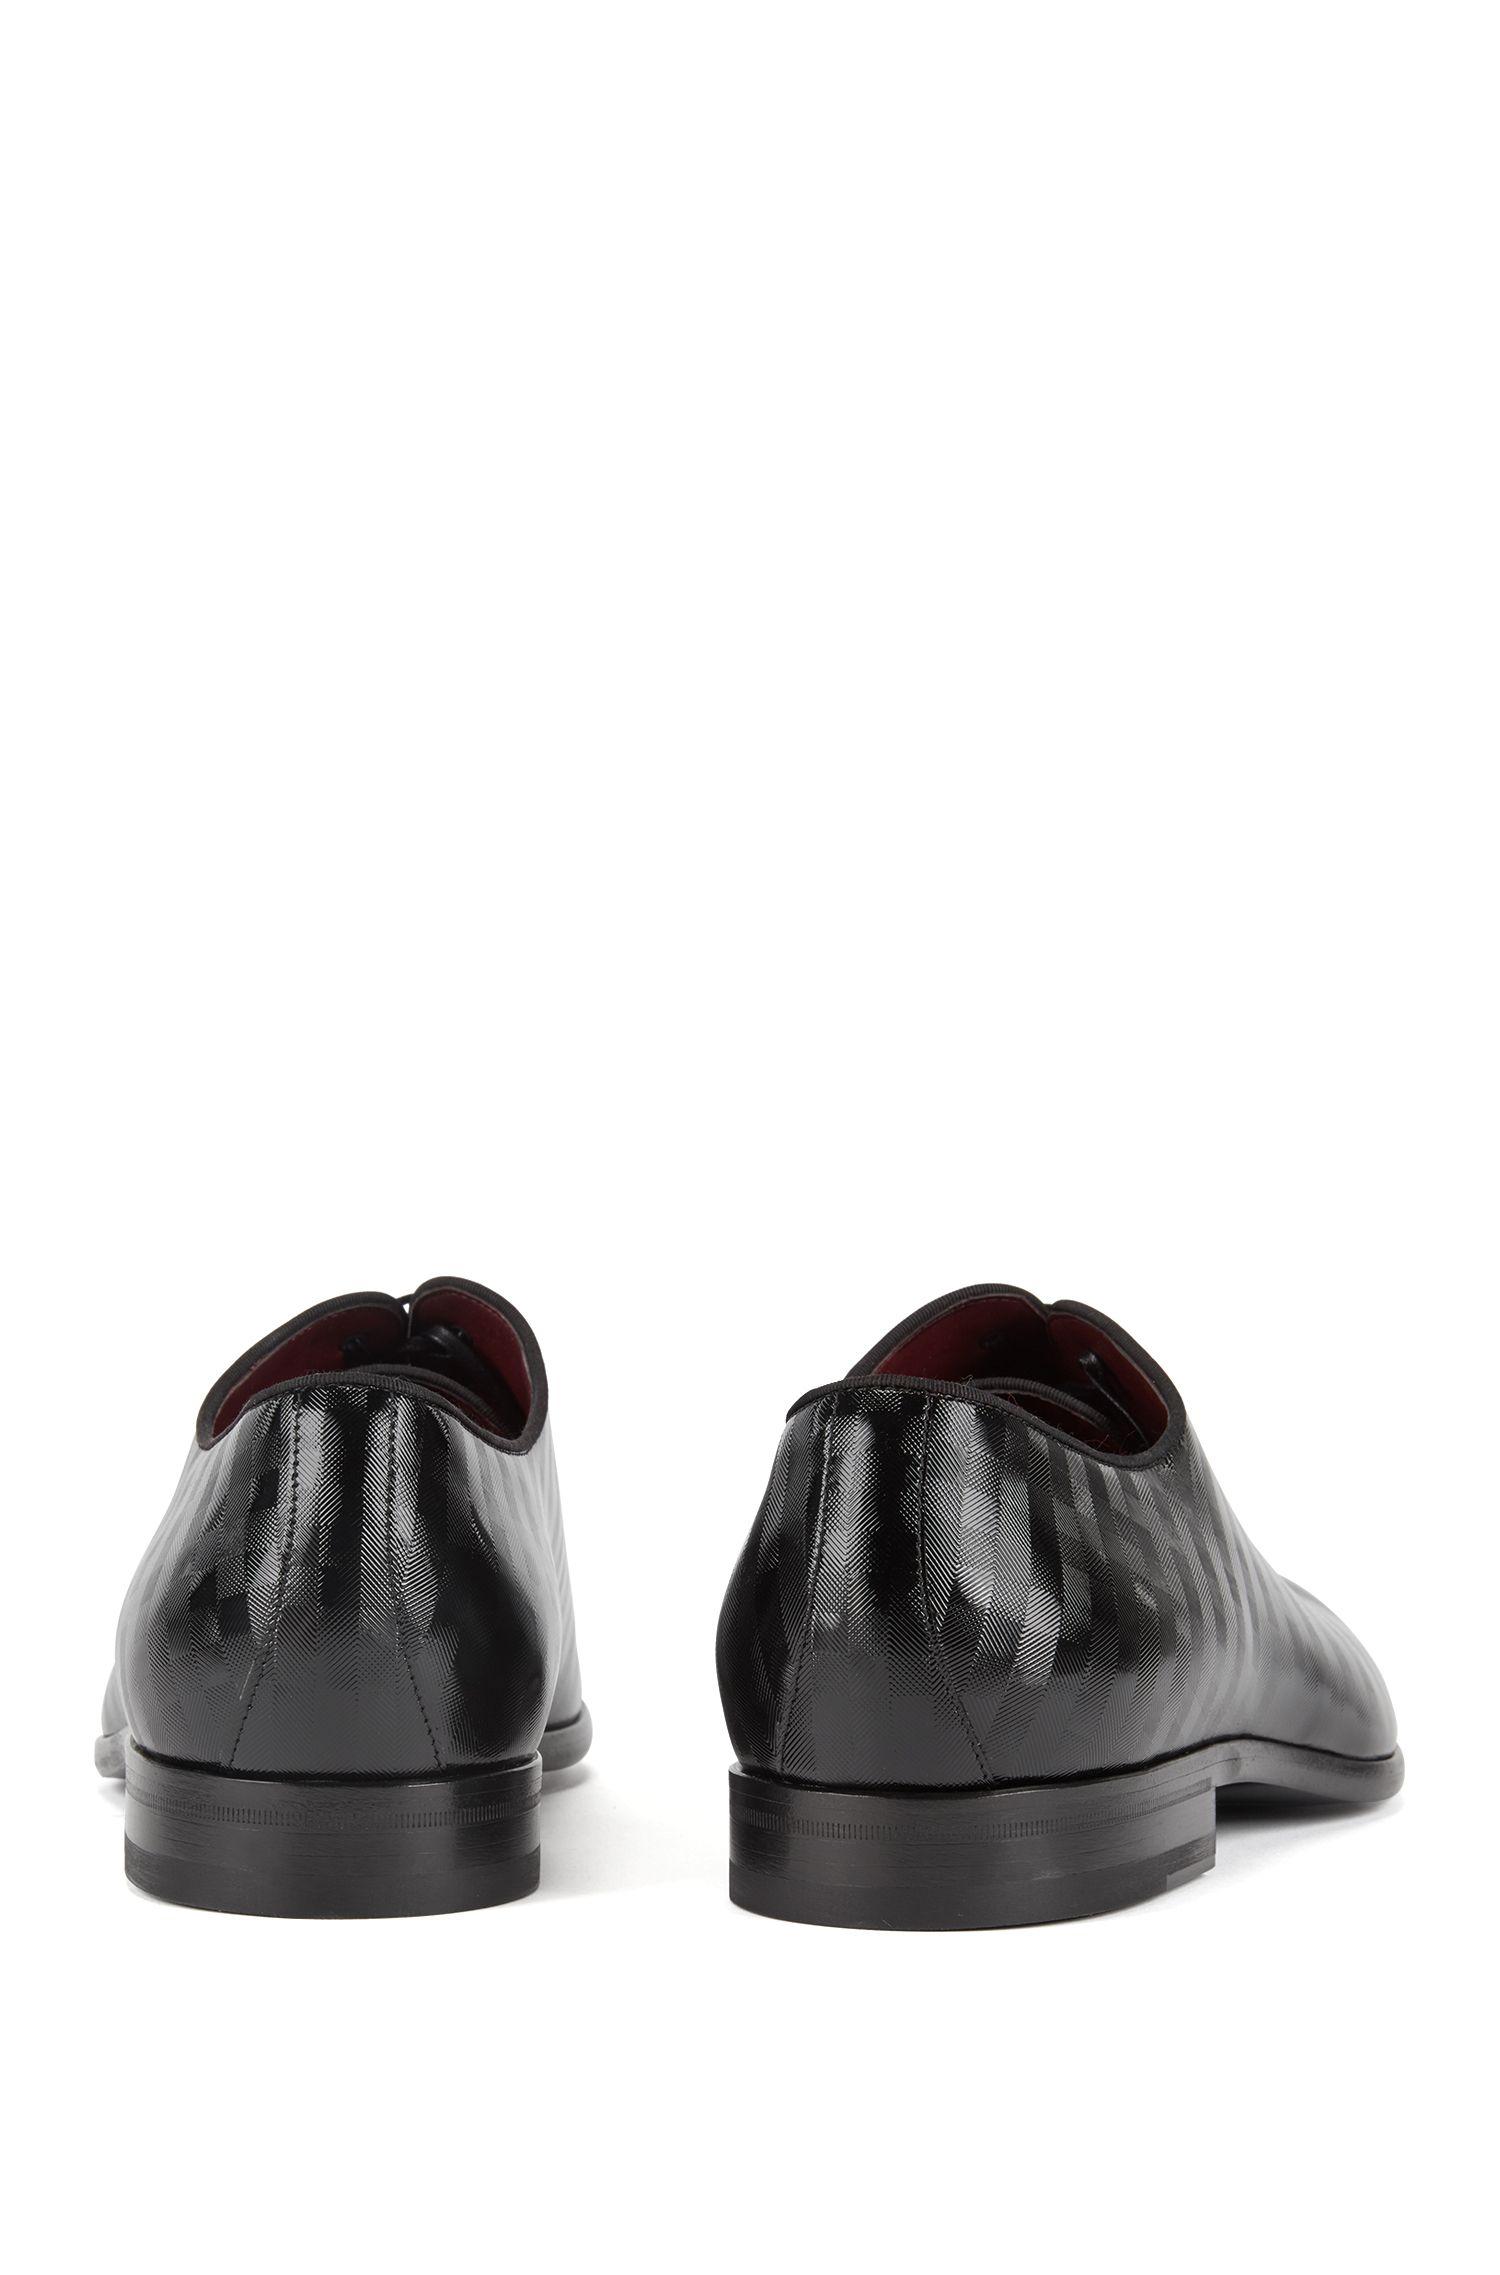 Chaussures Oxford confectionnées en Italie en cuir de veau verni à rayures, Noir